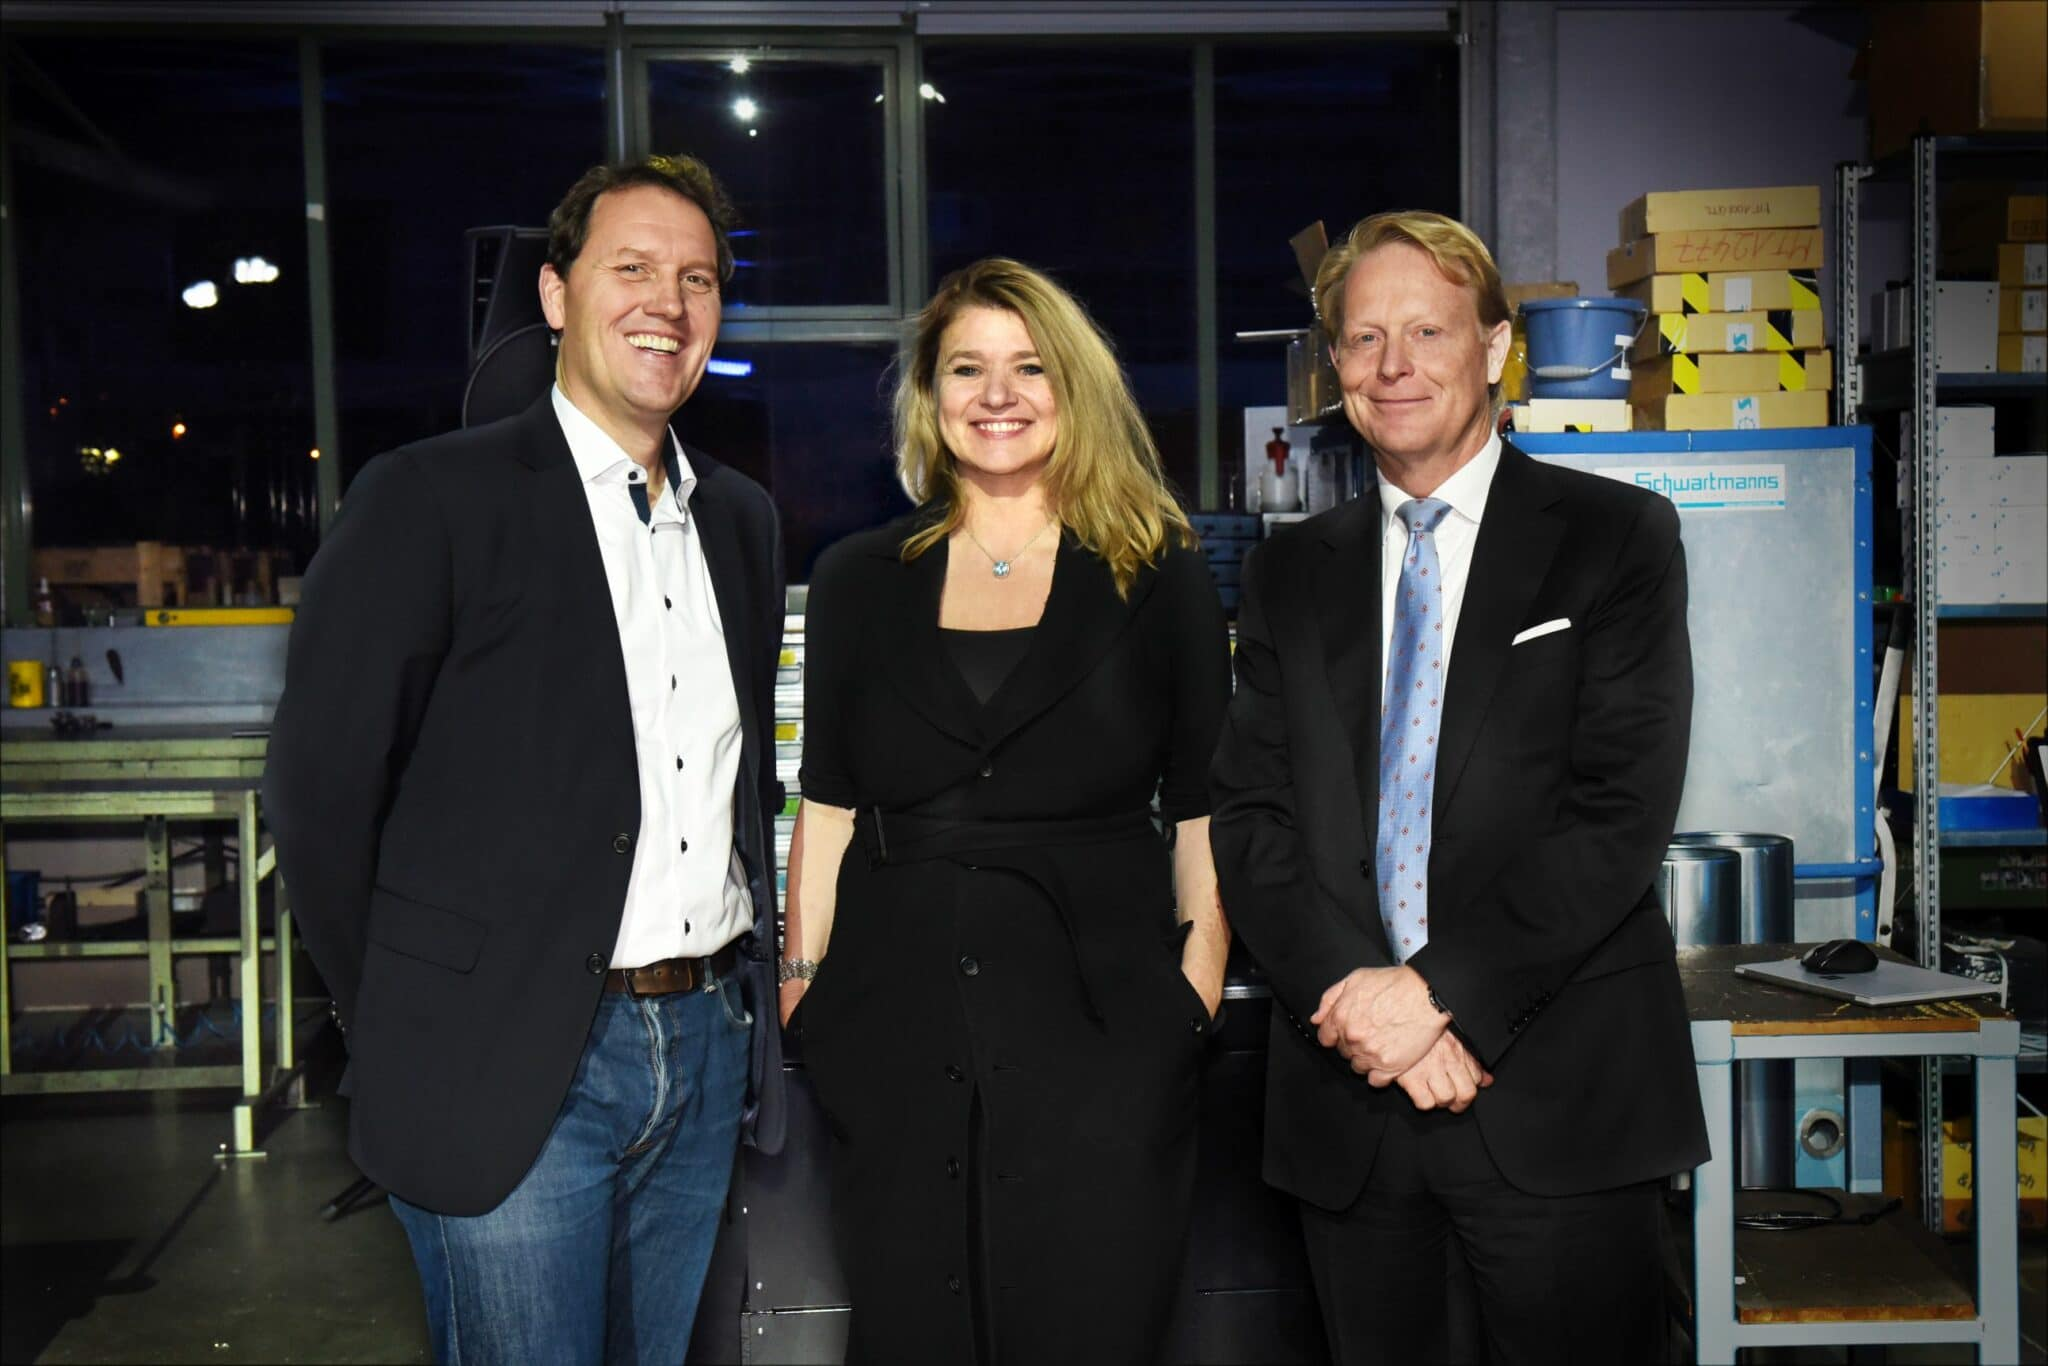 Direktor, Ms Fleischmann and President